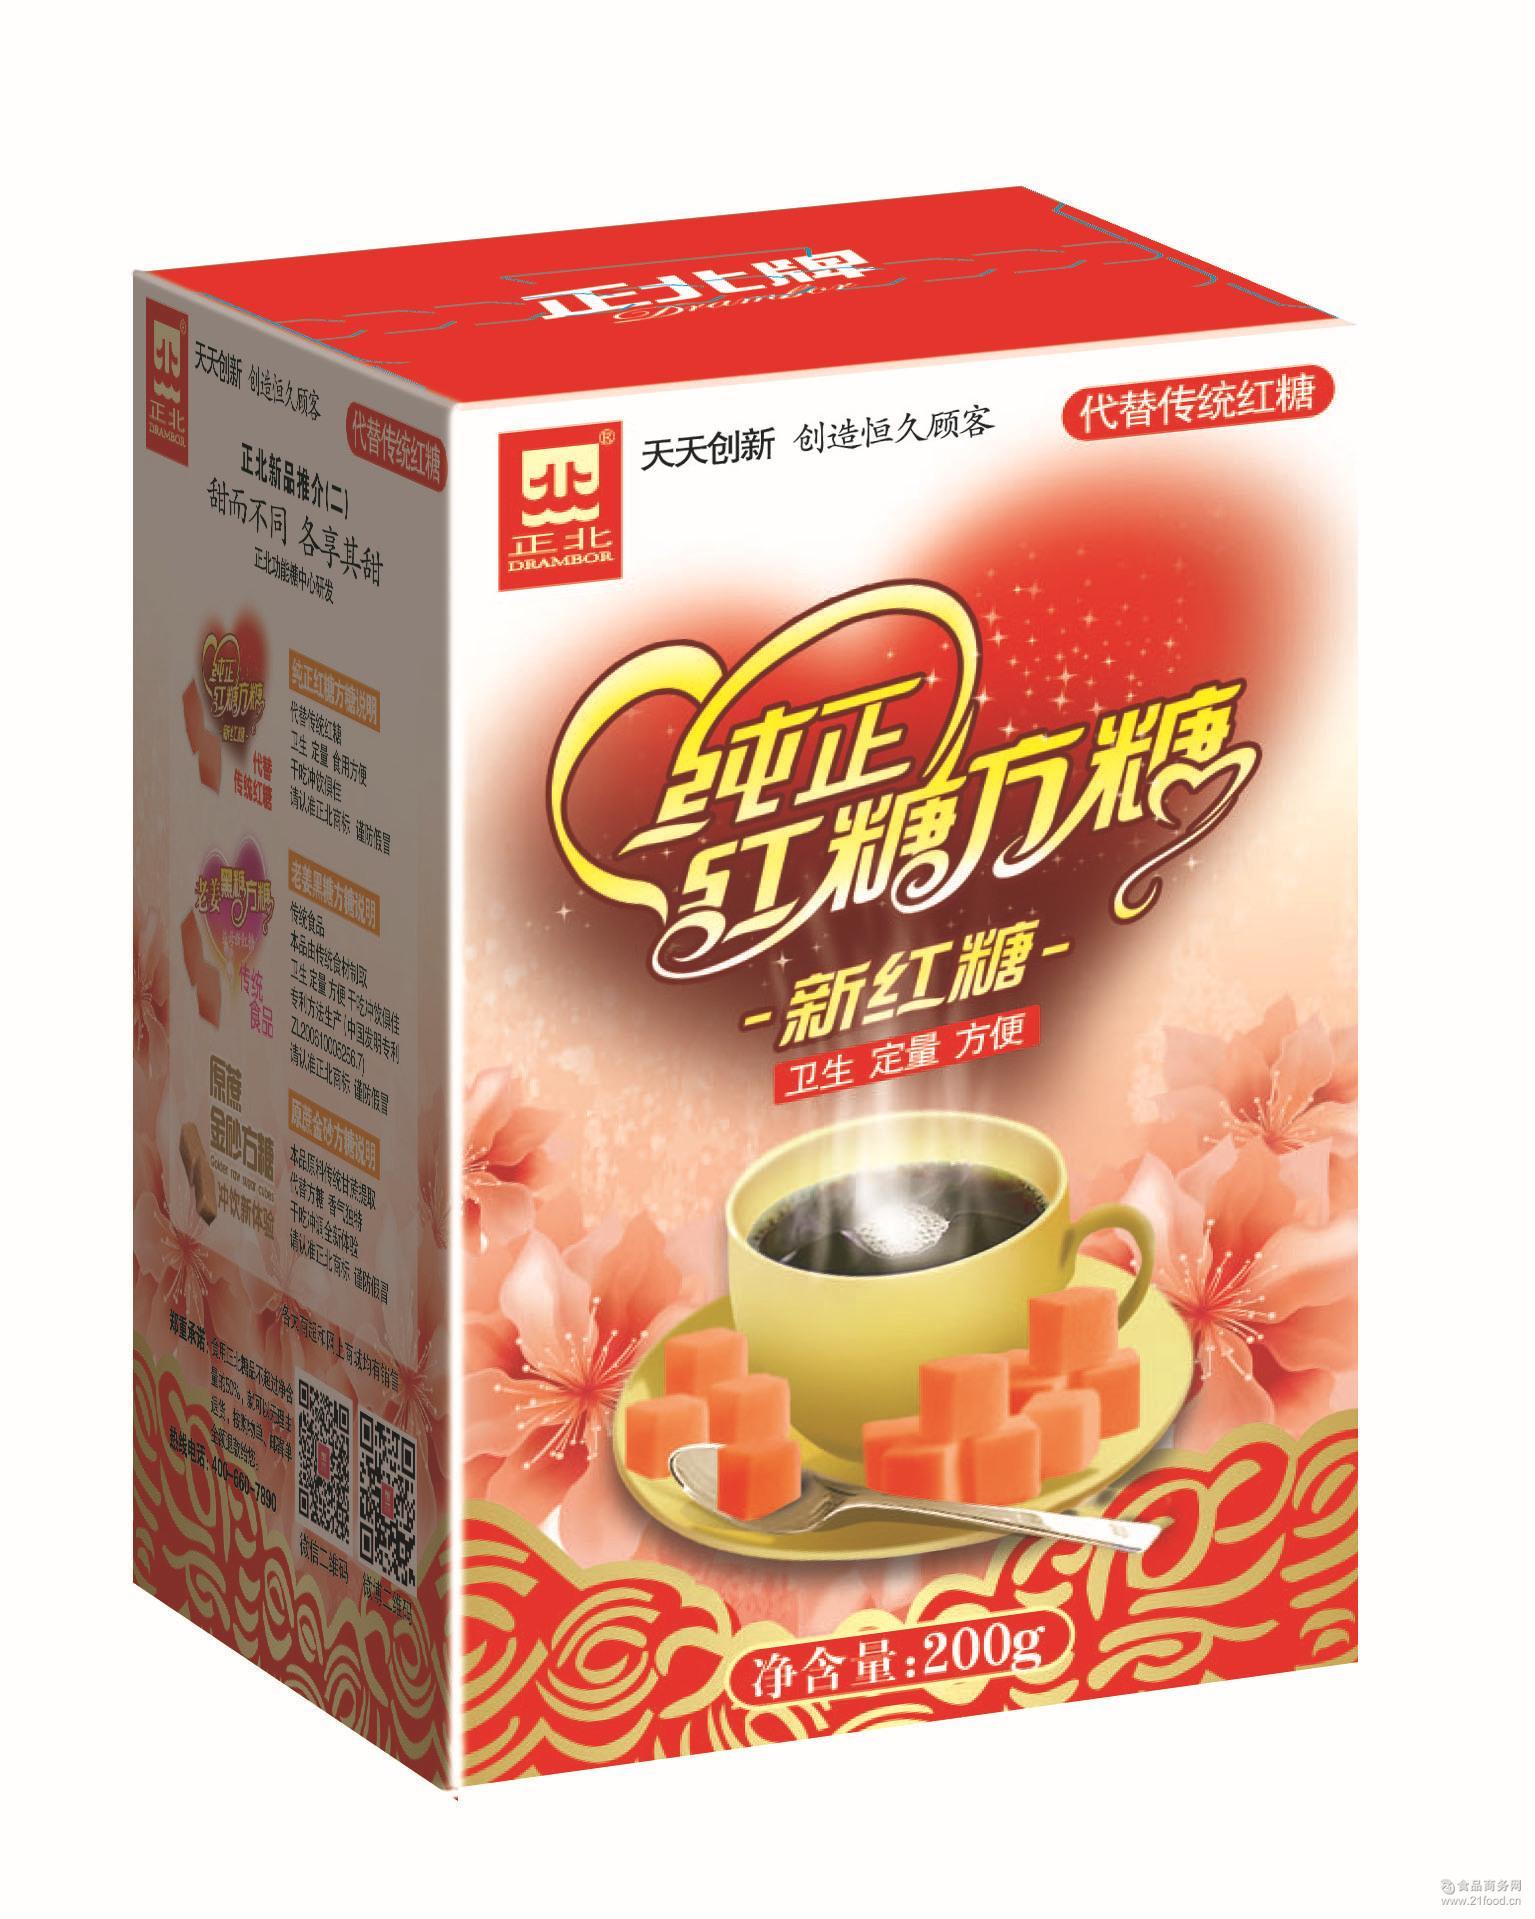 供应批发纯正红糖方糖 新款盒装女人红糖传统食品红糖